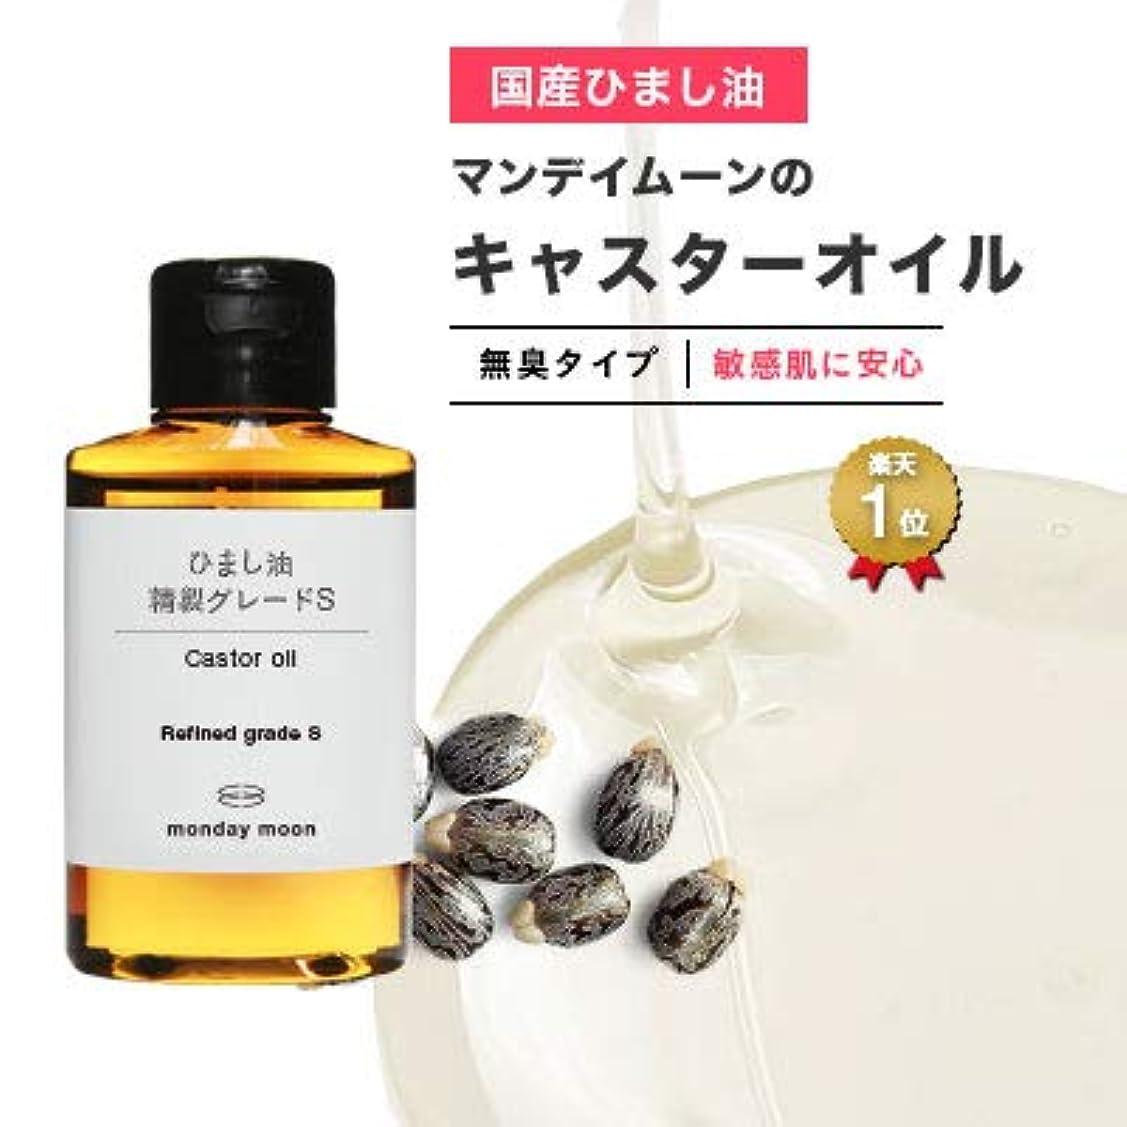 レトルトクラウン立場キャスターオイル?精製グレードS(ひまし油)/50ml